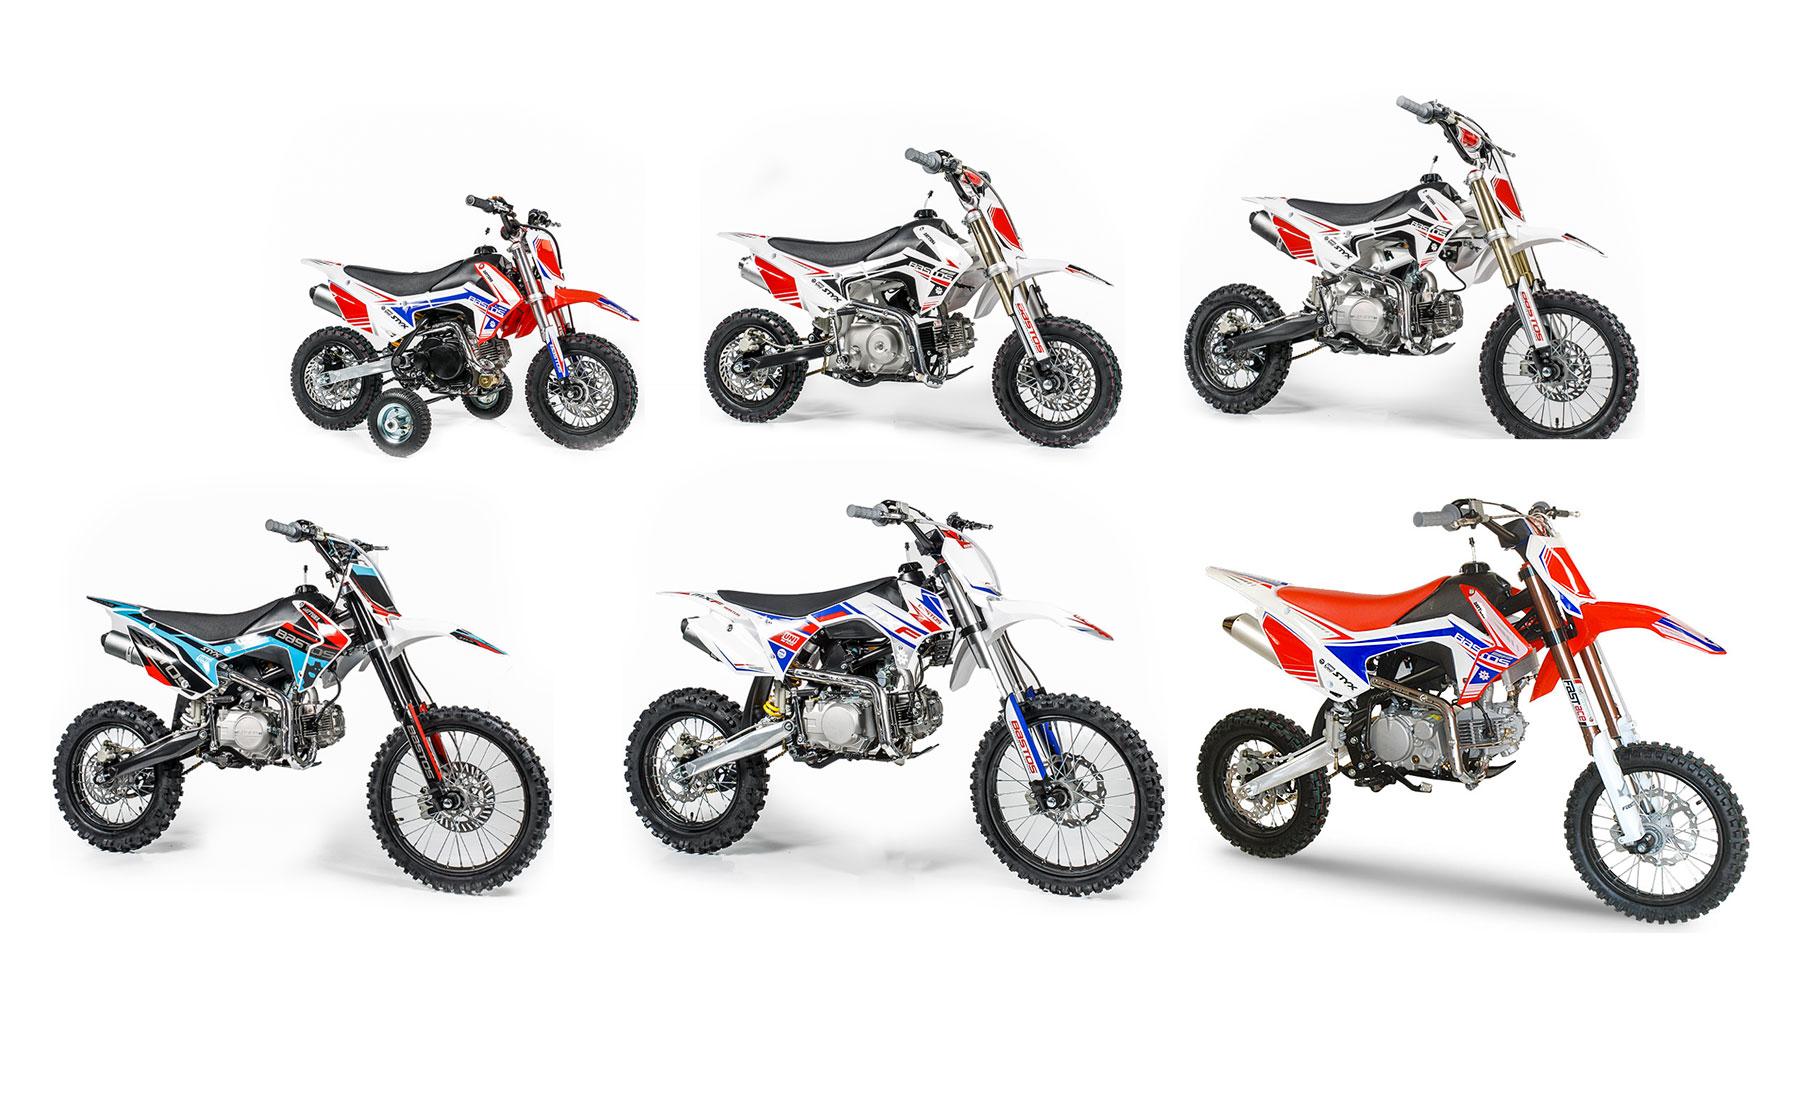 Une gamme complète de 25 modèles